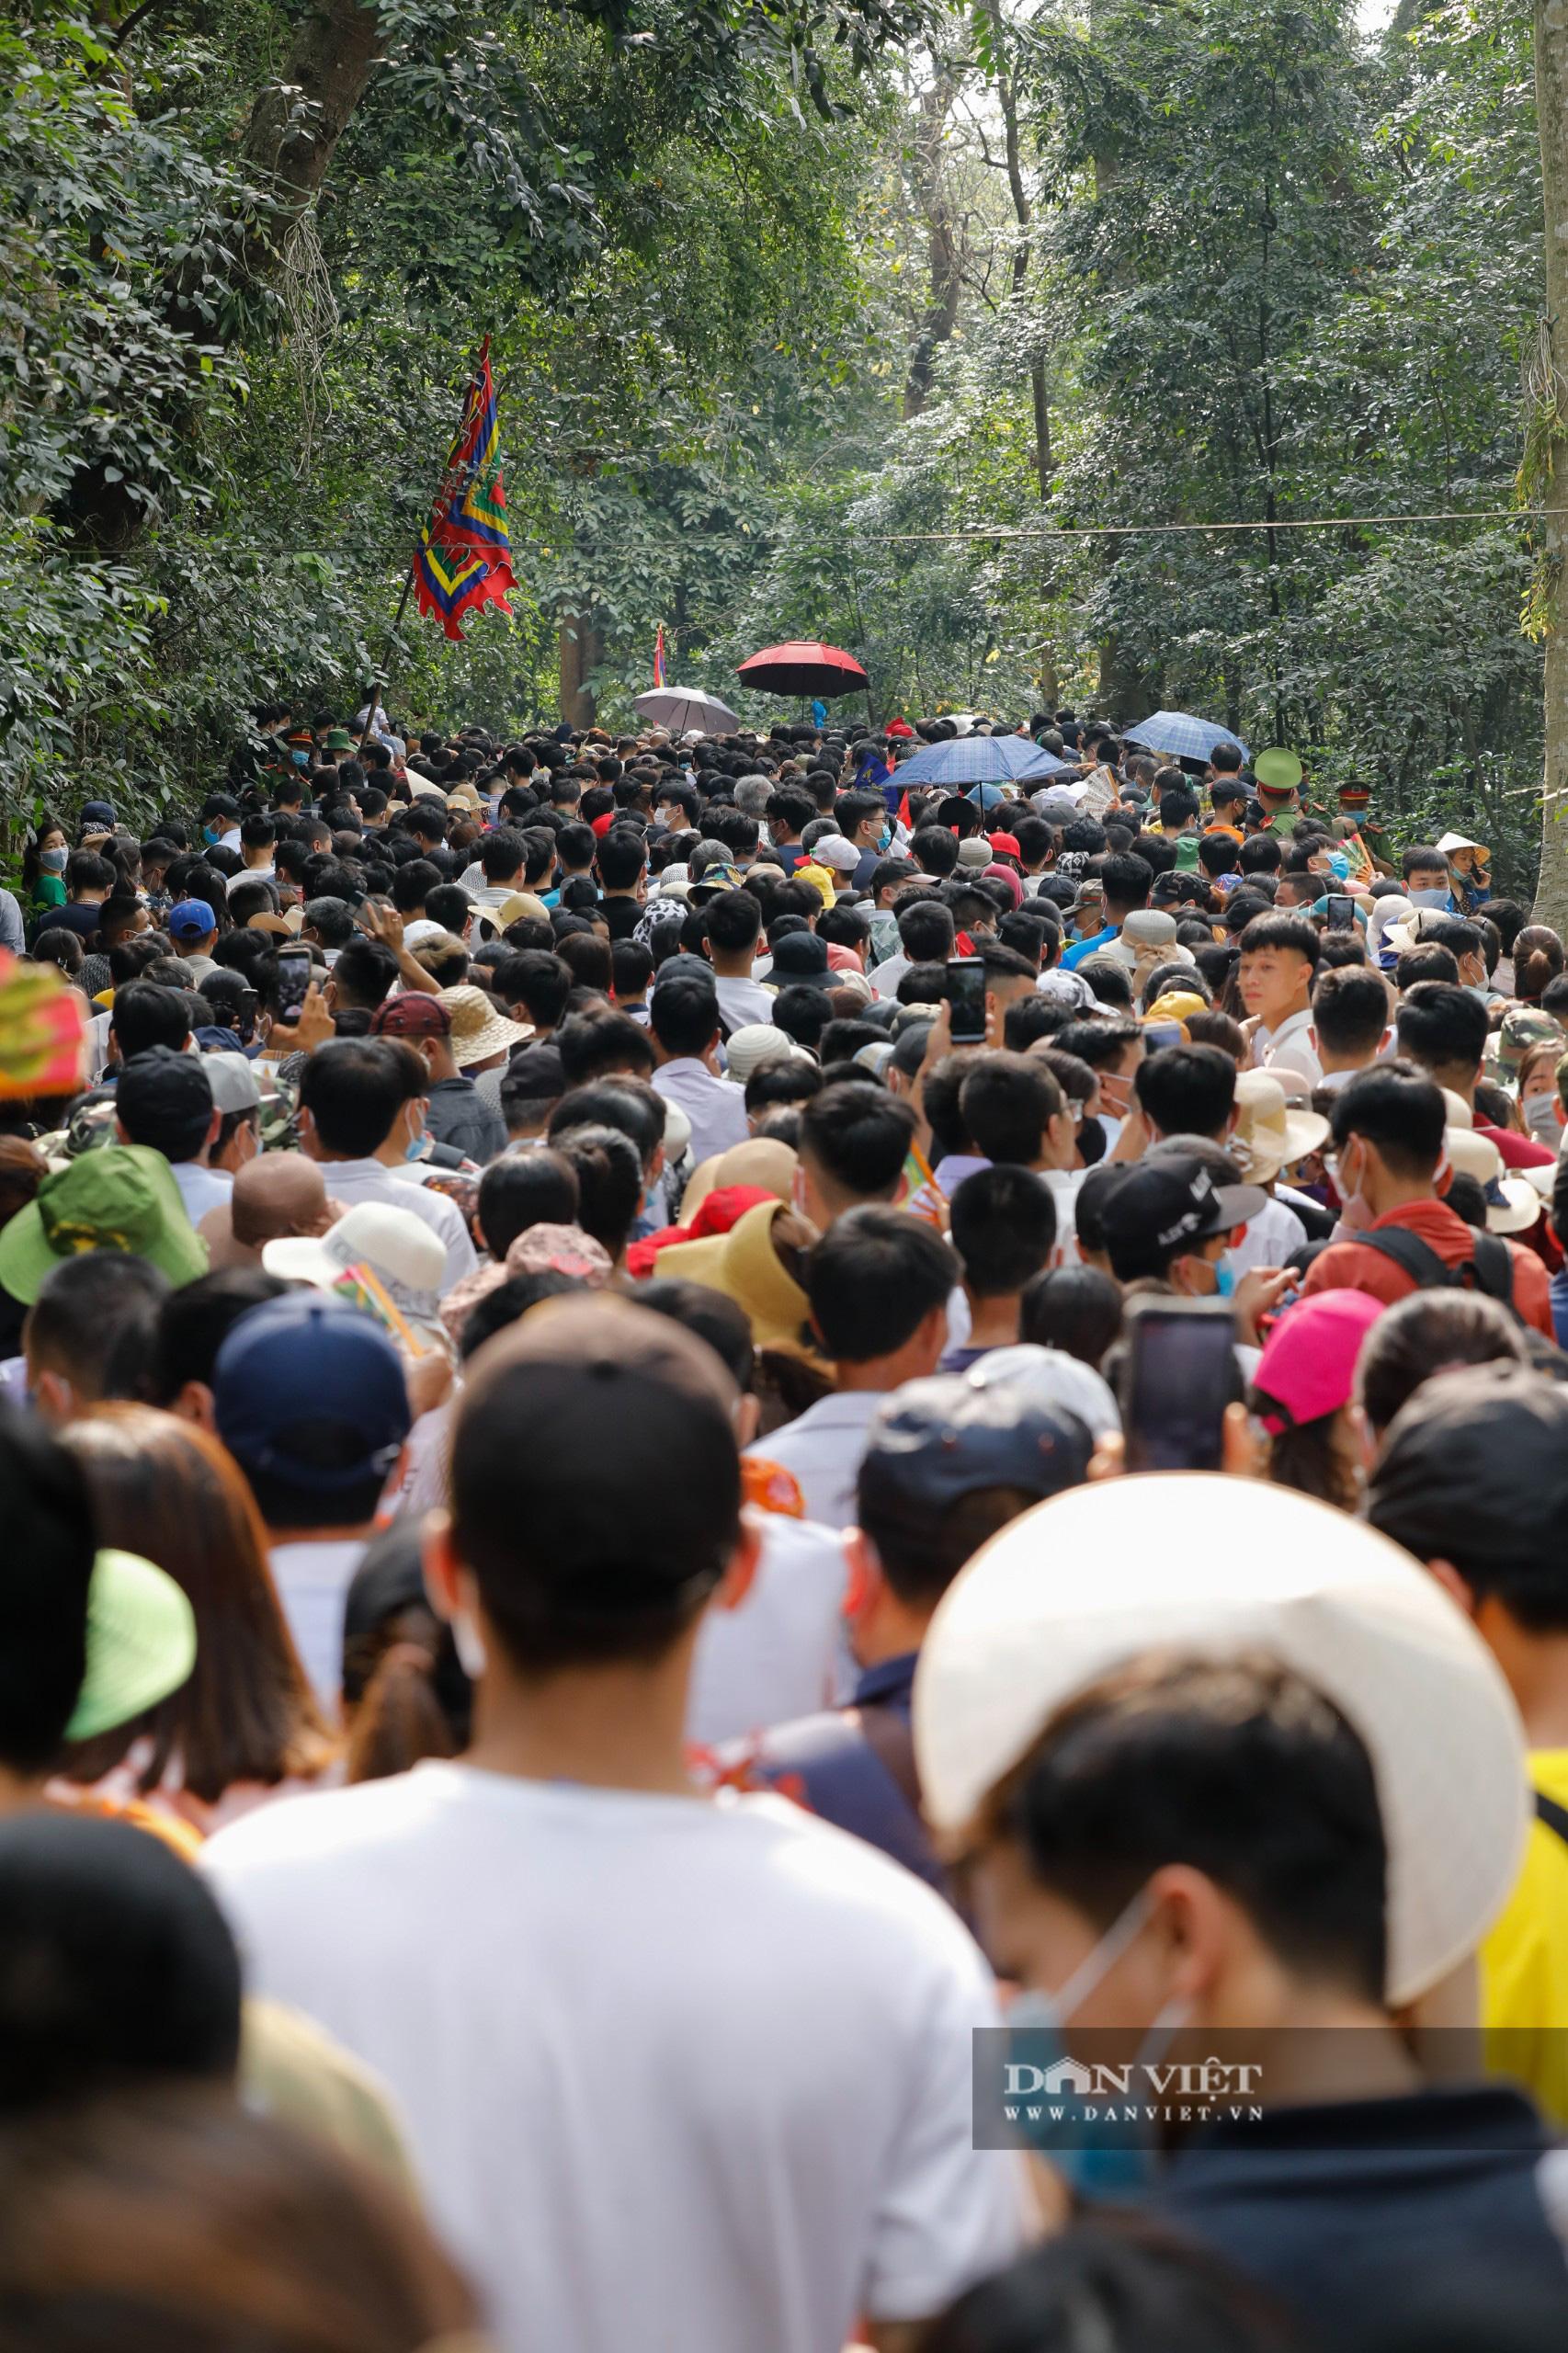 Chủ tịch nước Nguyễn Xuân Phúc dâng hương tưởng nhớ các vua Hùng - Ảnh 9.